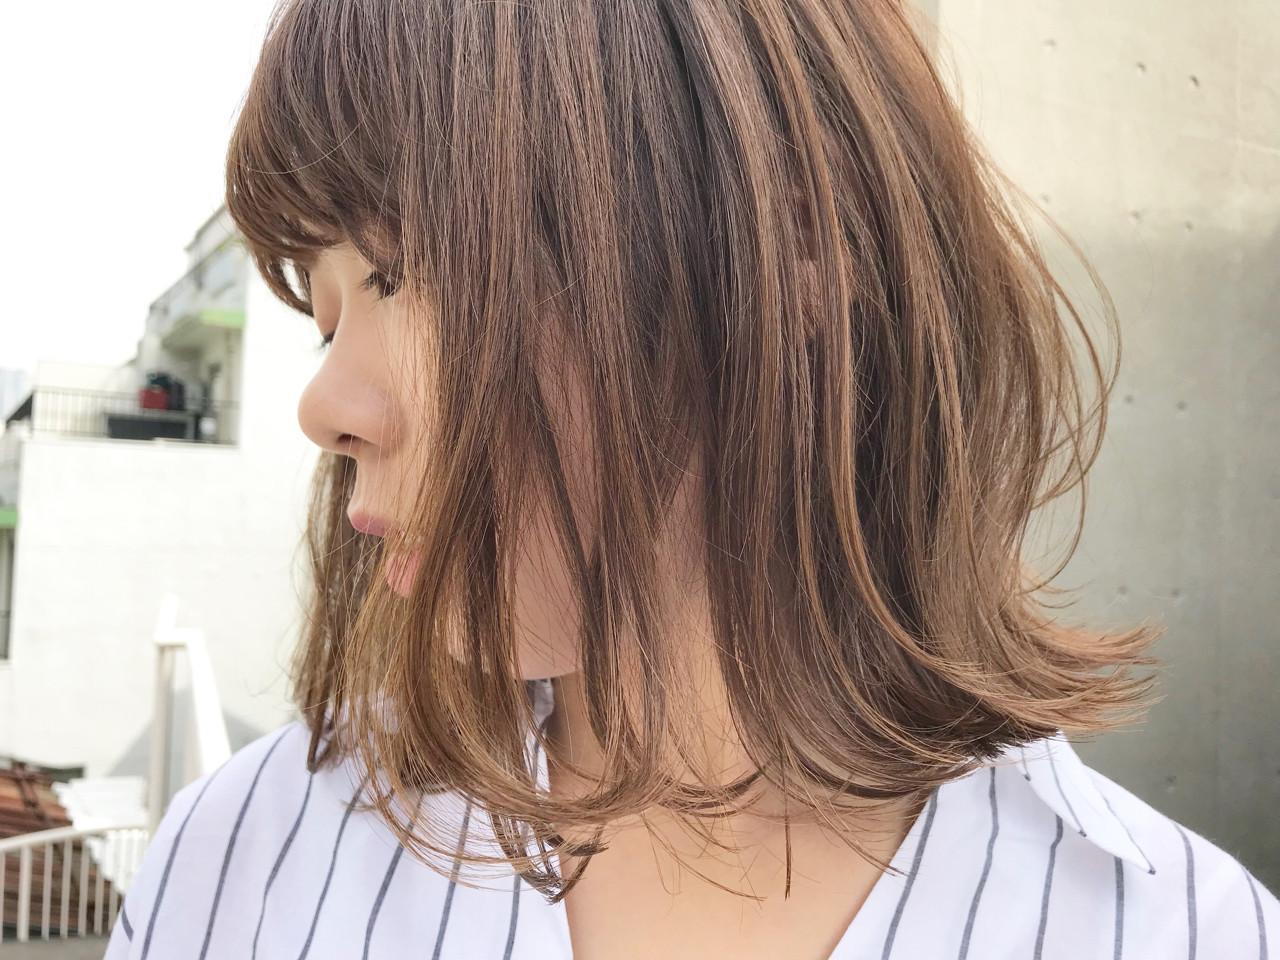 透明感 ロブ ウェーブ アンニュイ ヘアスタイルや髪型の写真・画像